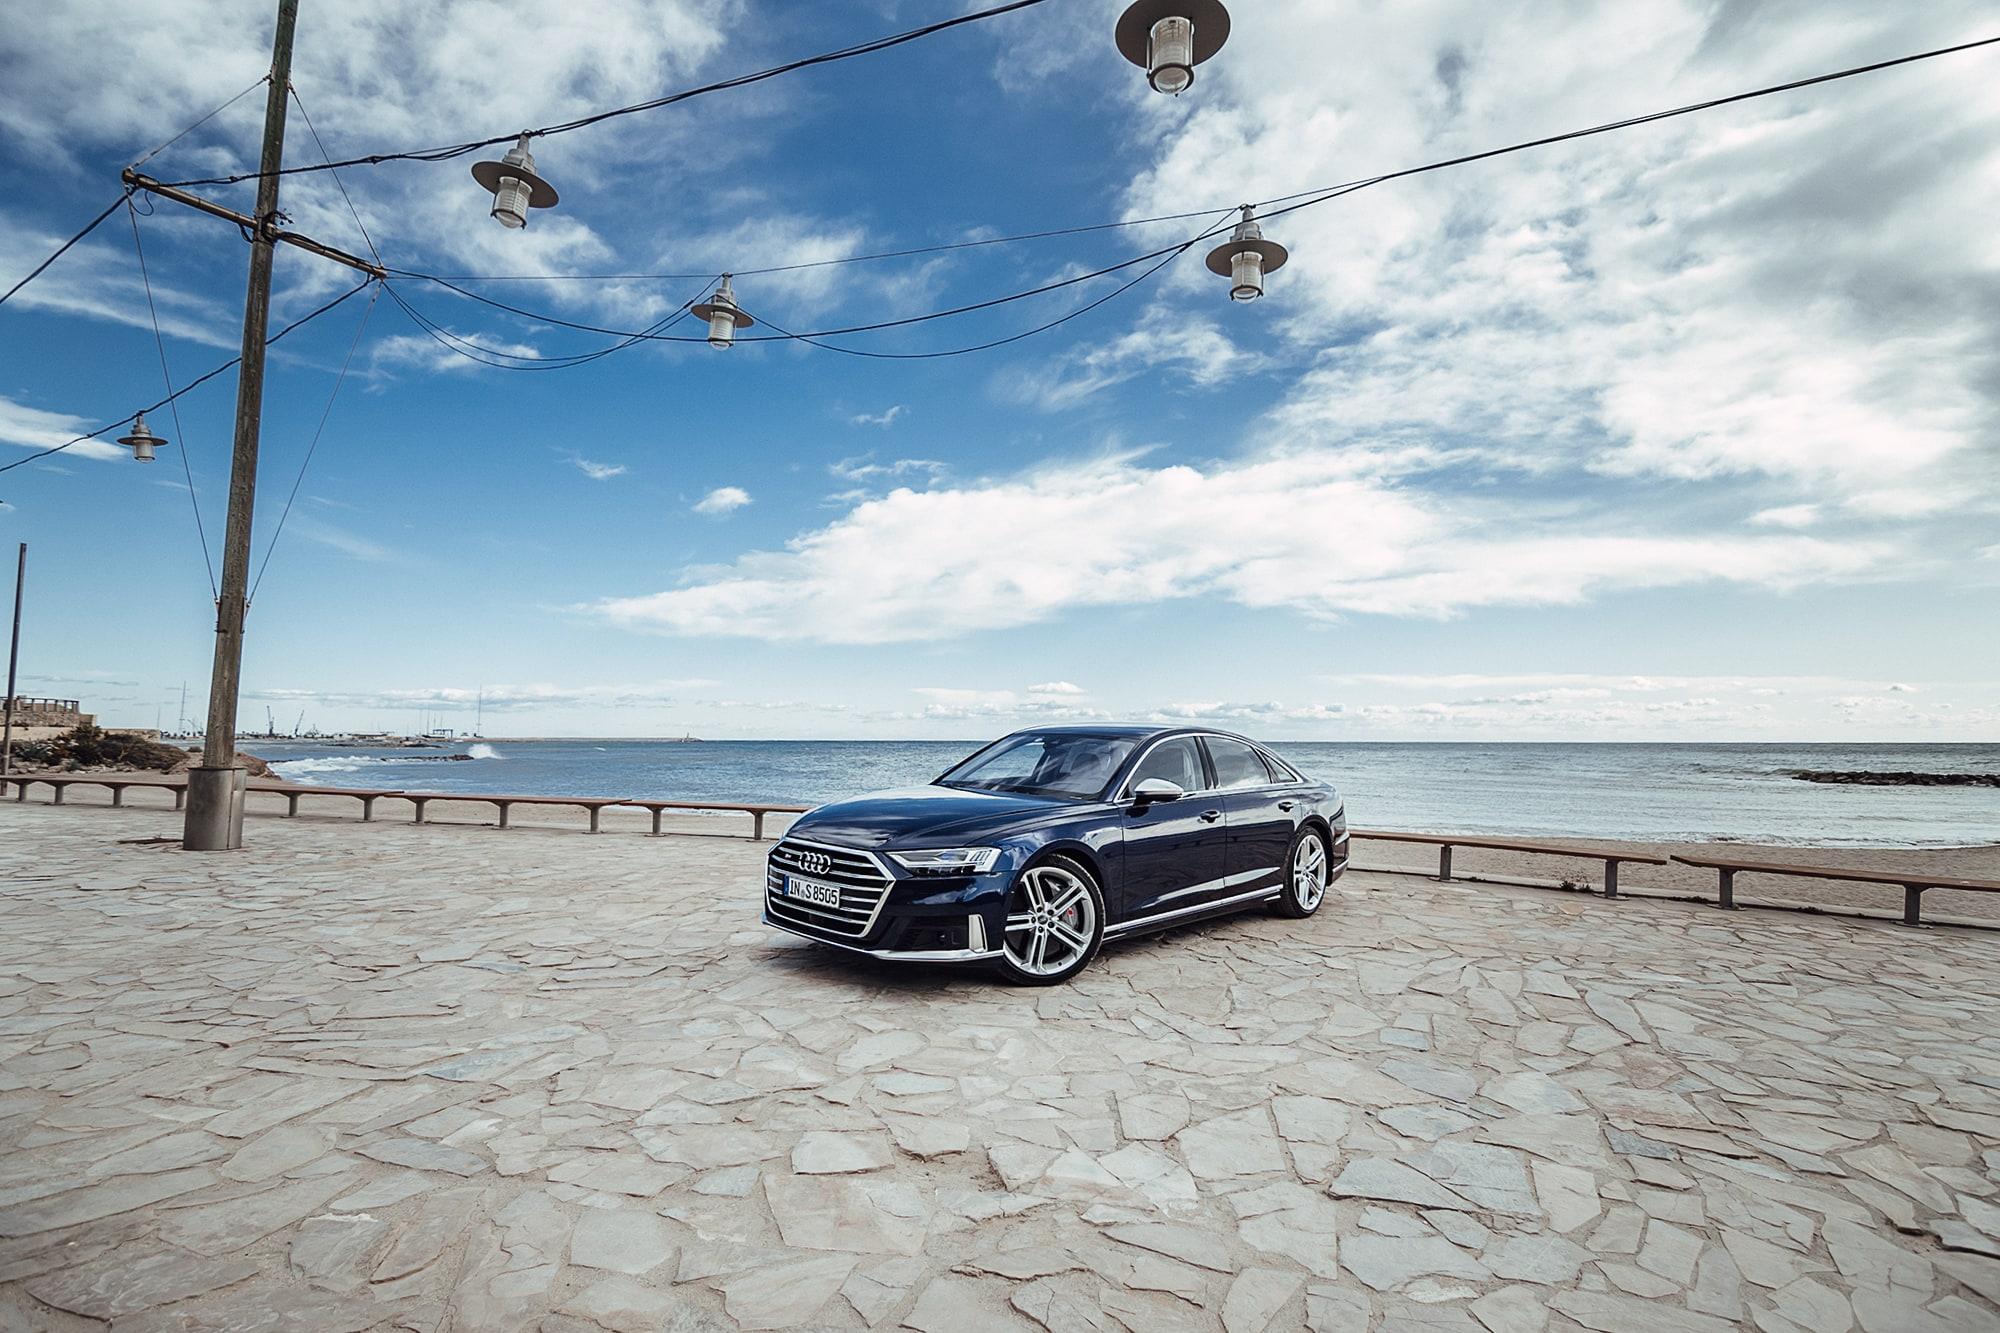 Der neue Audi S8: Komfort und Leistung auf die Spitze getrieben 6